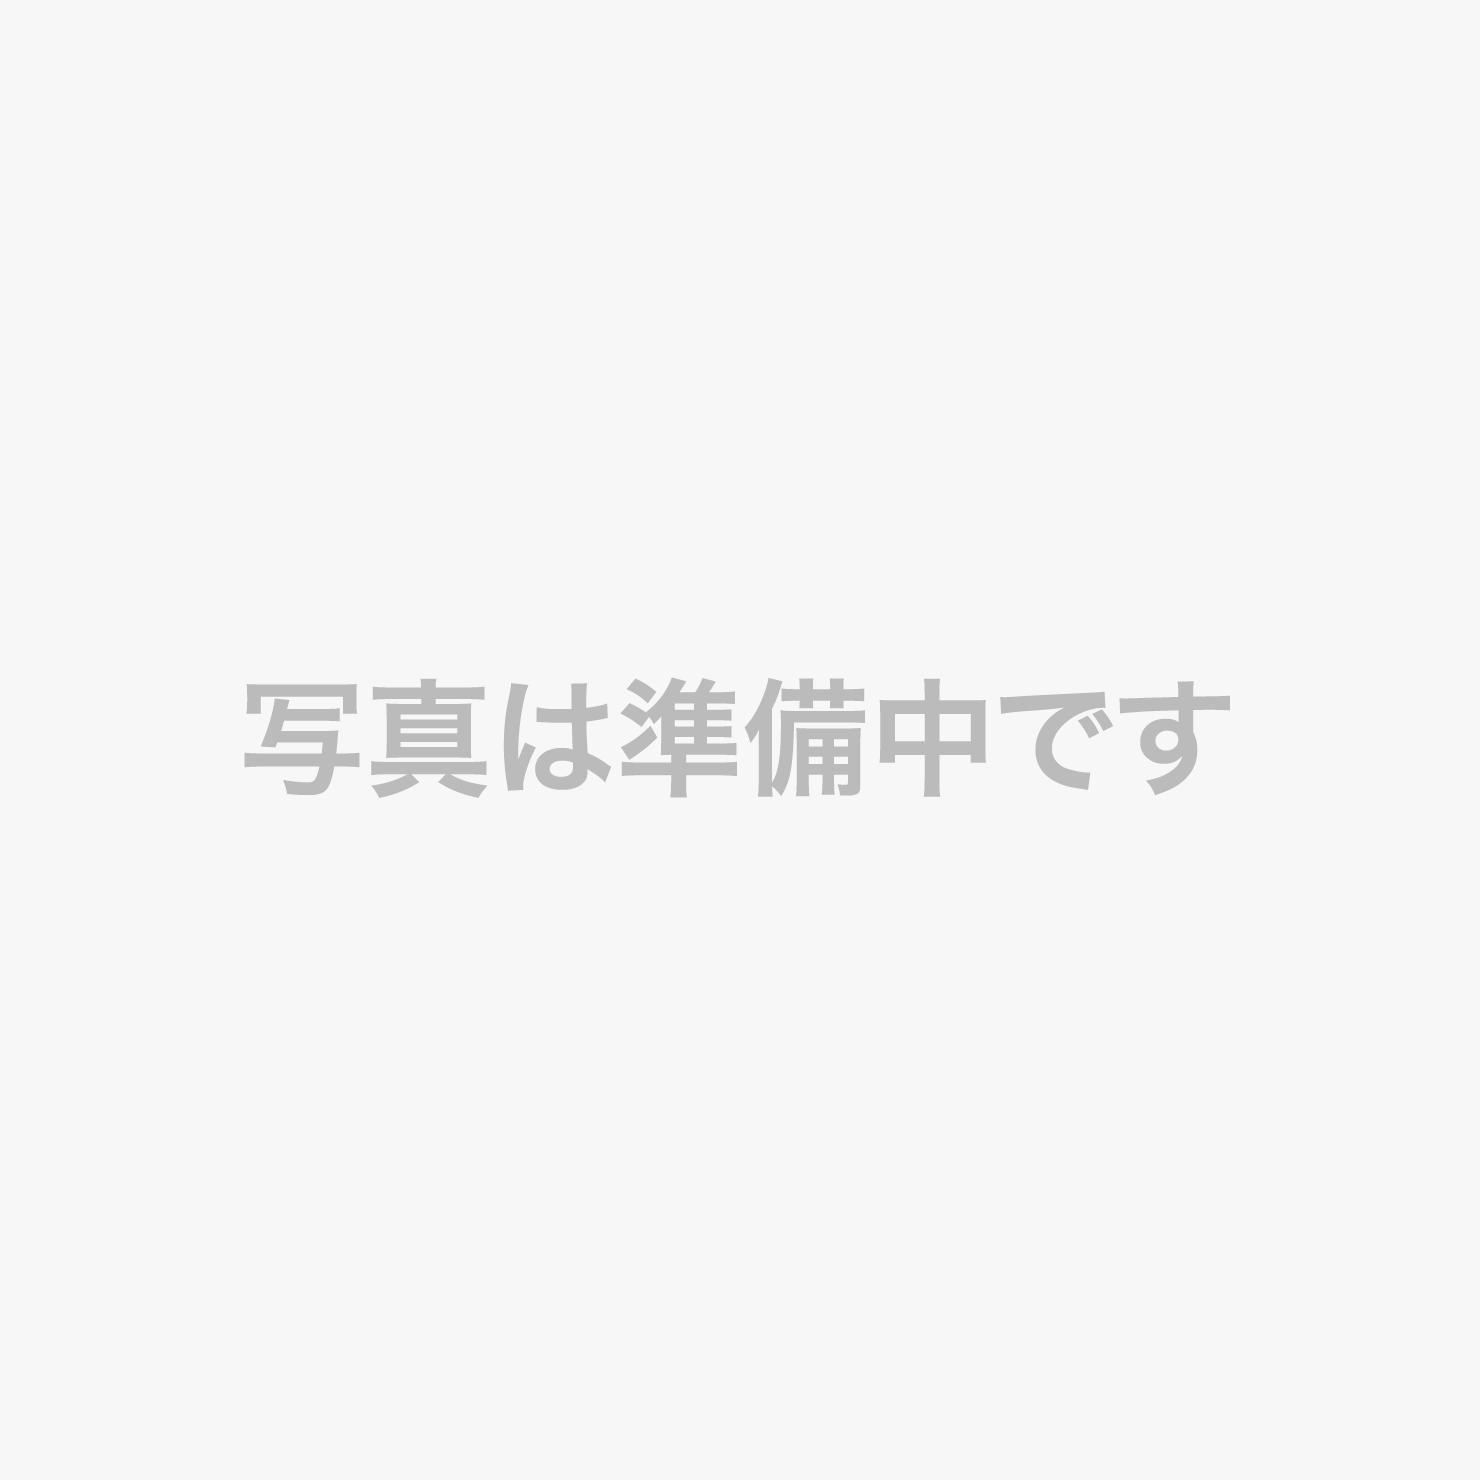 若楠ポーク鉄板焼がメインの『四季懐石』旬の食材をご堪能ください(7/3から8/31までの料理イメージ)